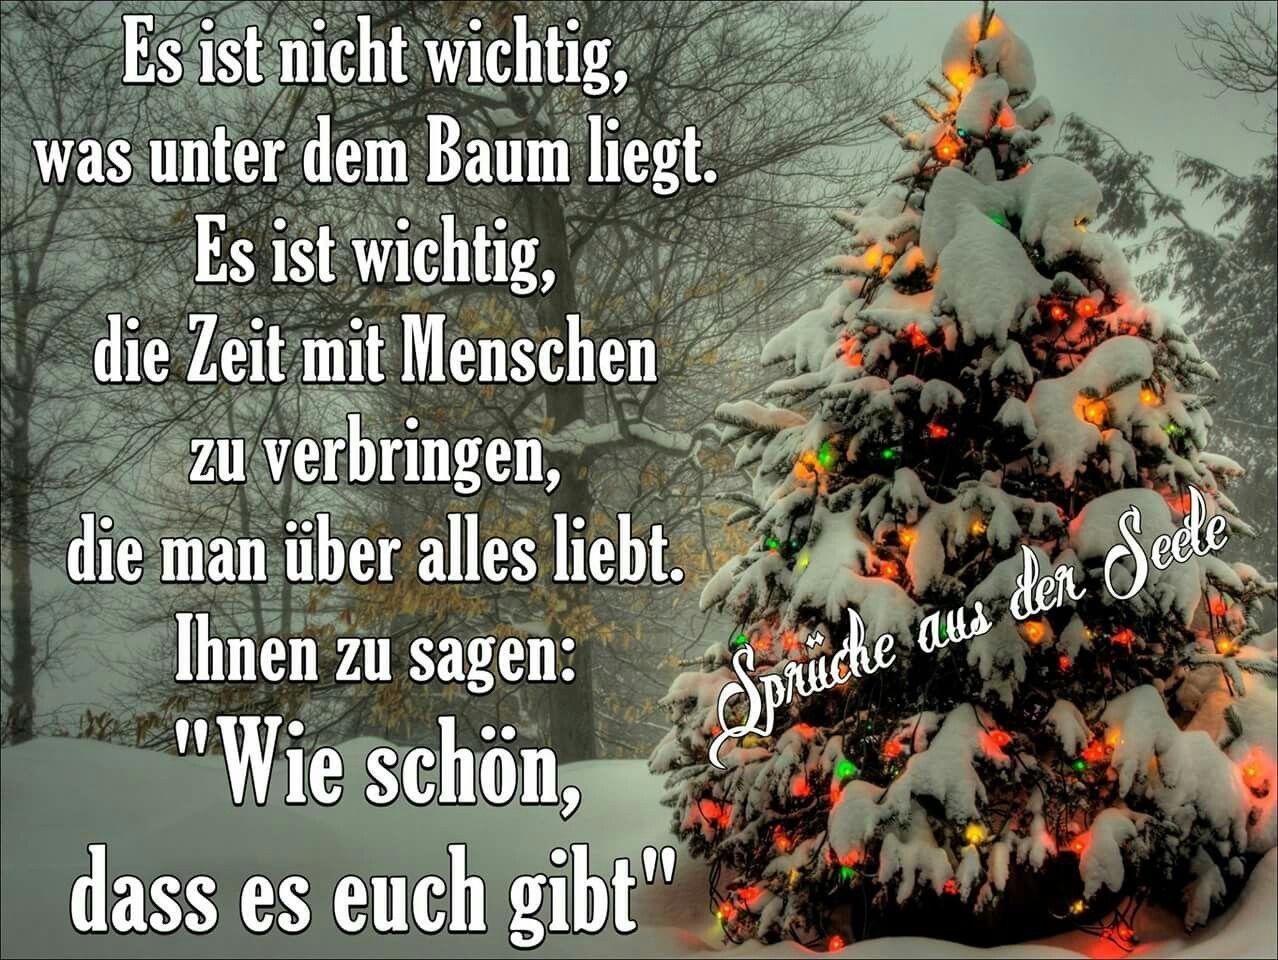 Pin Von Lara Tittel Auf Bilder Schone Spruche Weihnachtsgrusse Nachdenklich Weihnachtsspruche